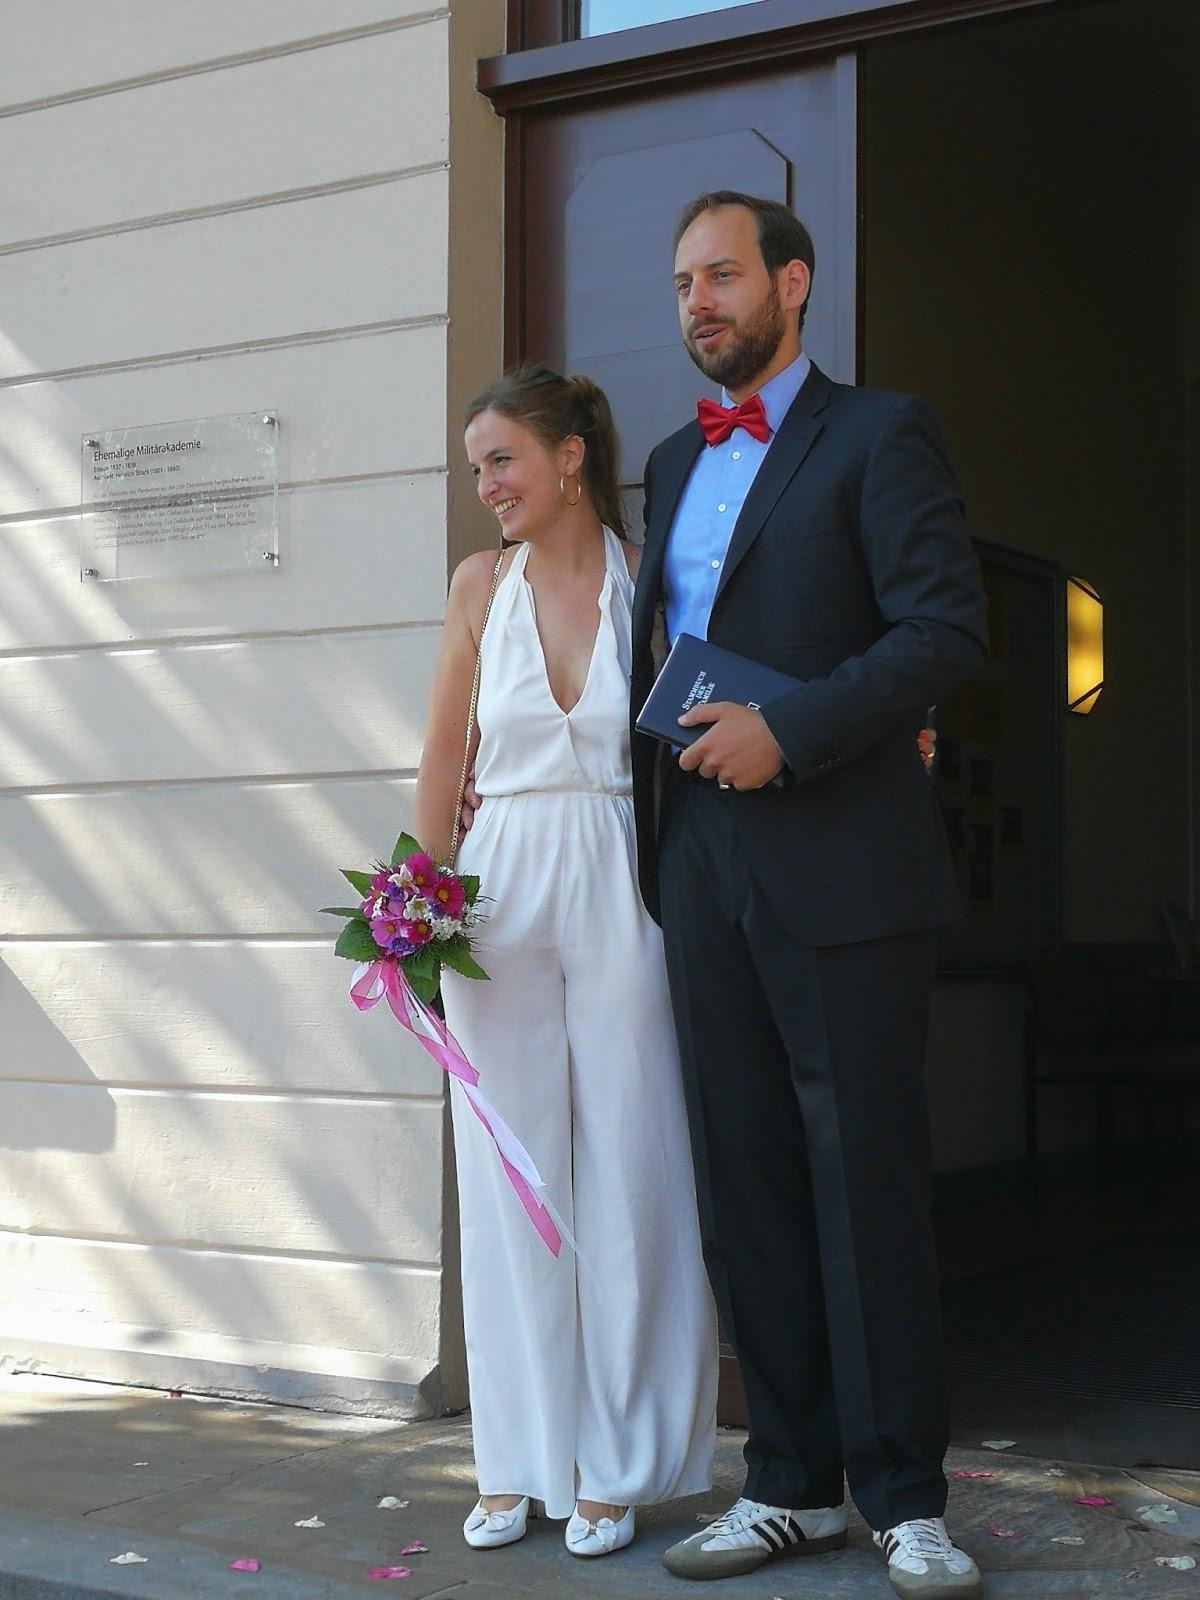 Braut und abendmode bad zwischenahn